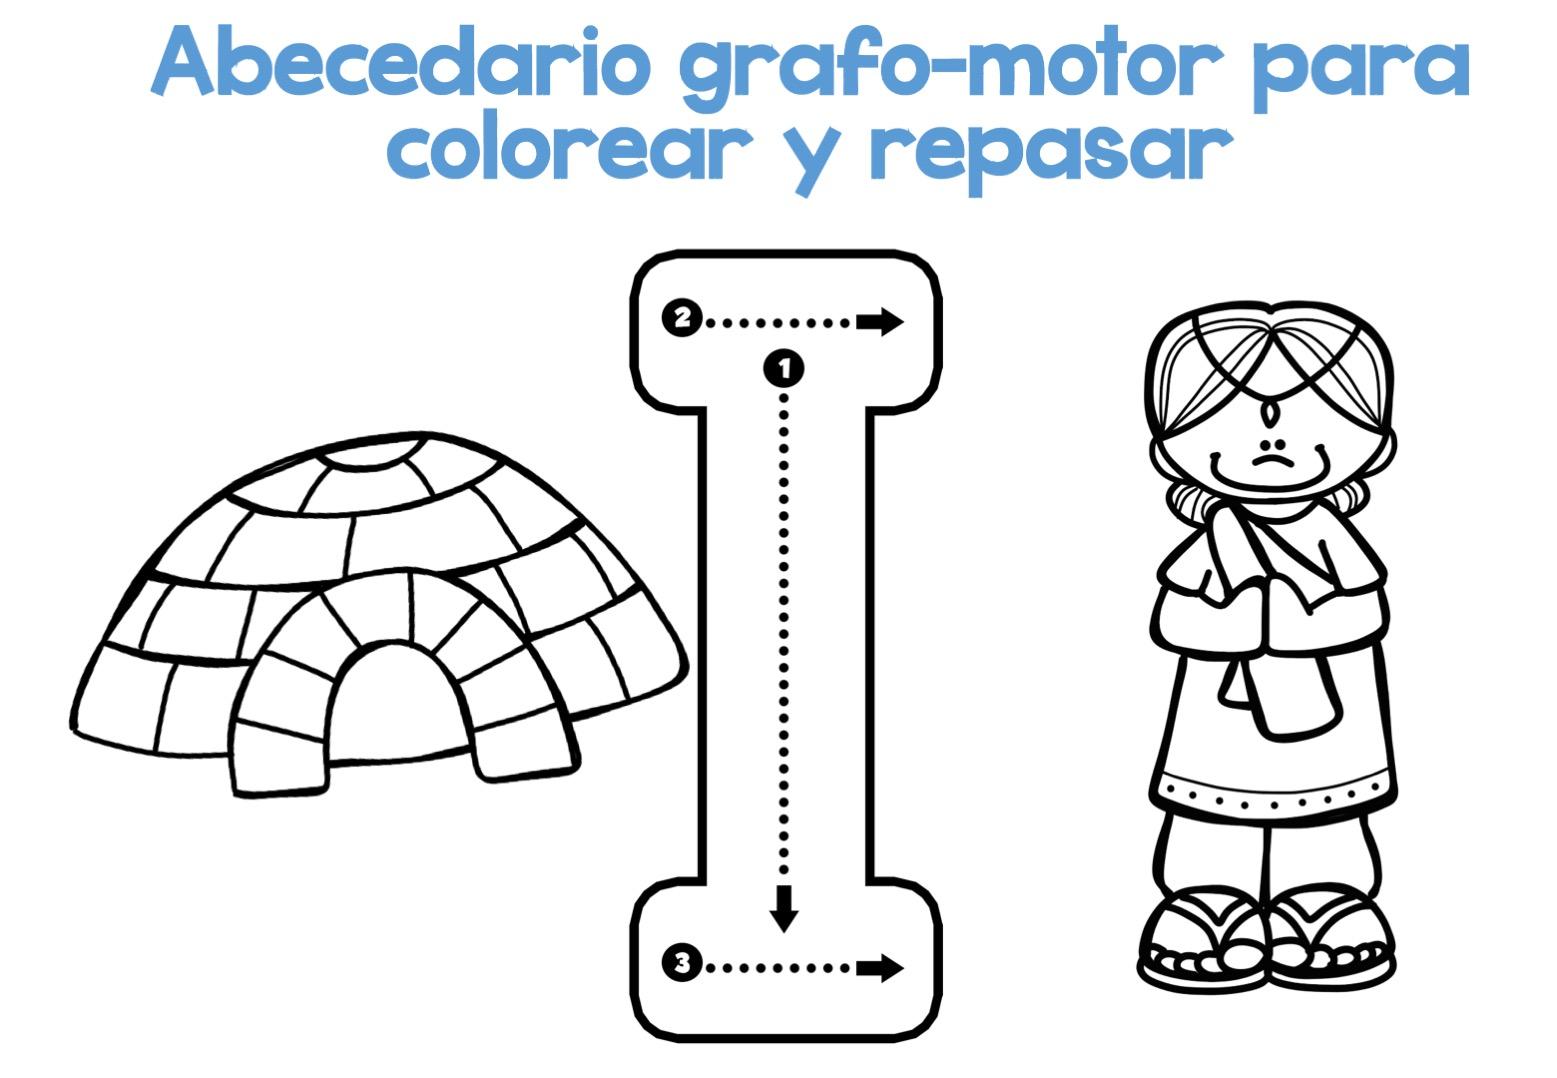 Completo Abecedario Grafo Motor Para Colorear Y Repasar9